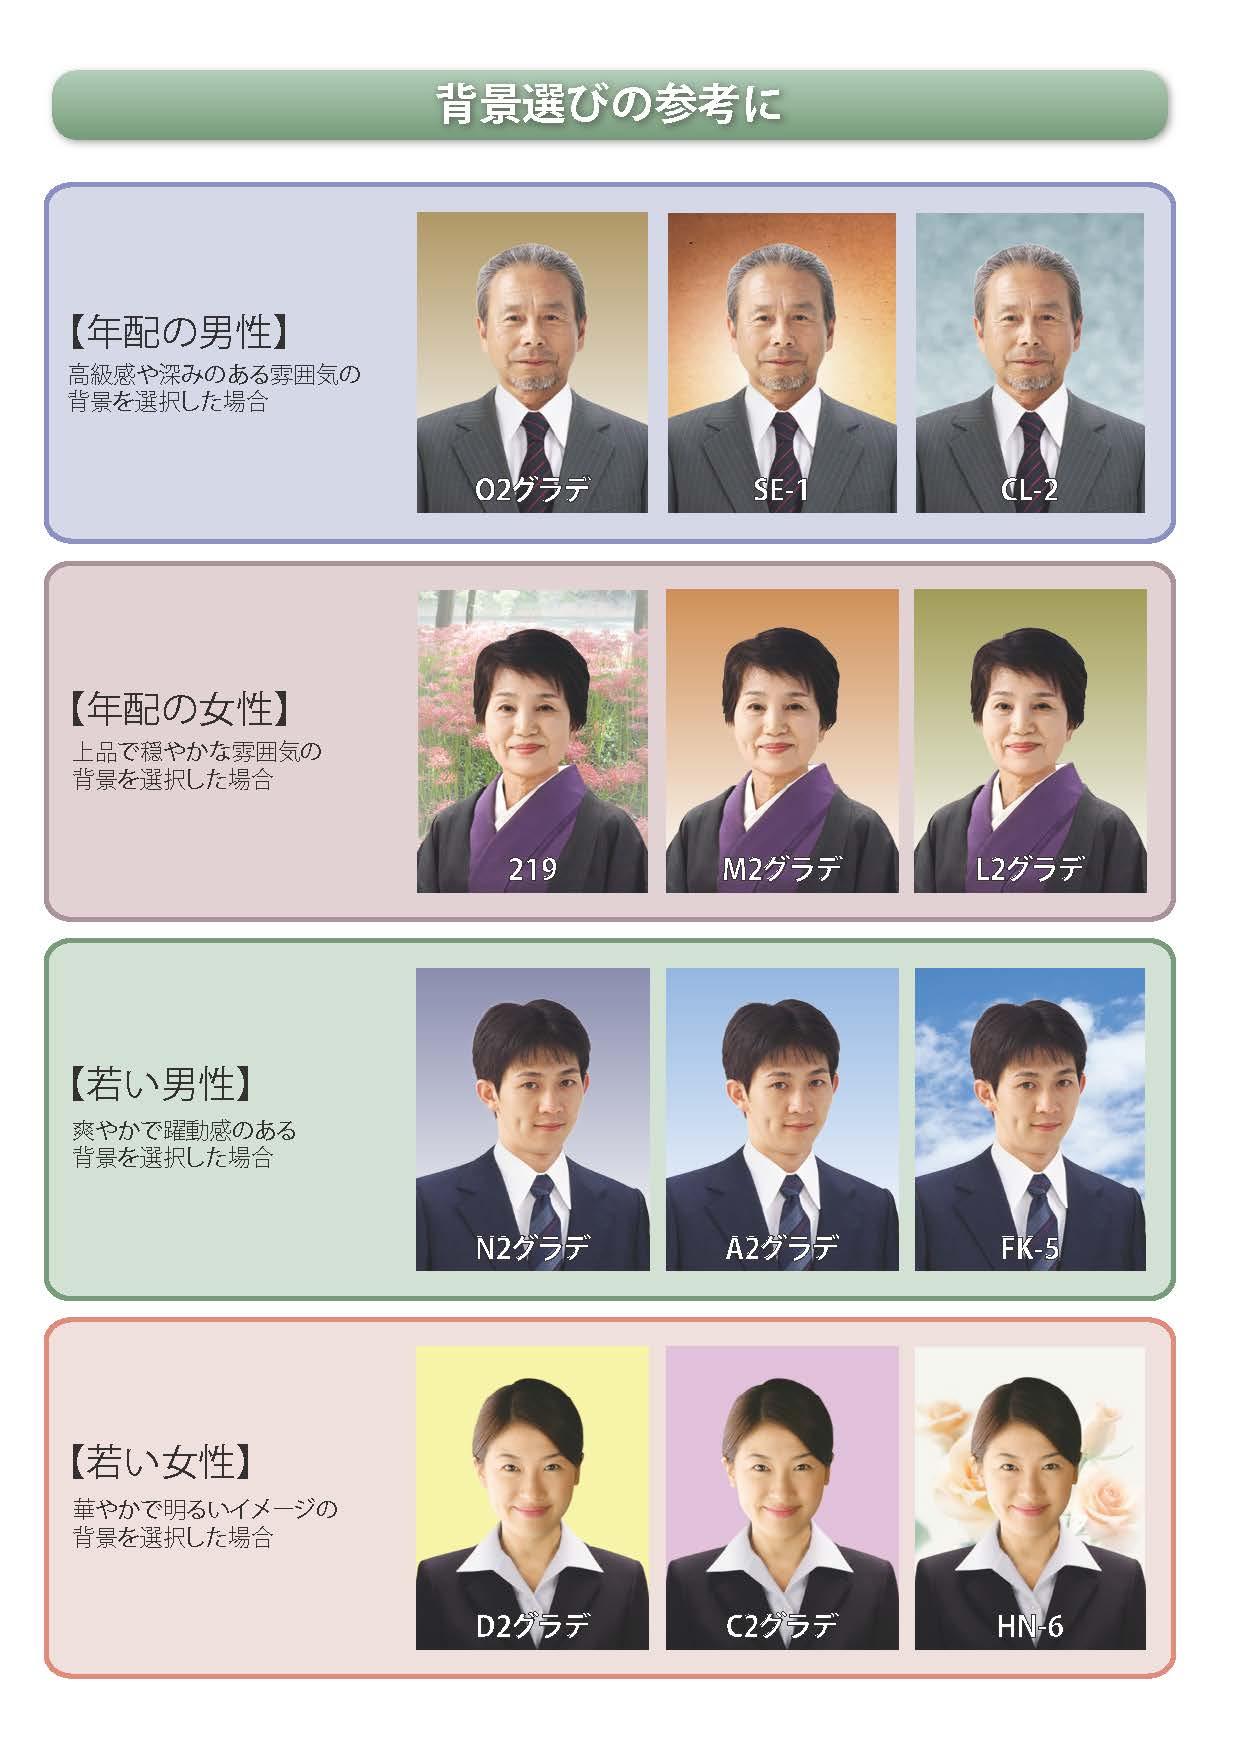 着替背景見本_ページ_18